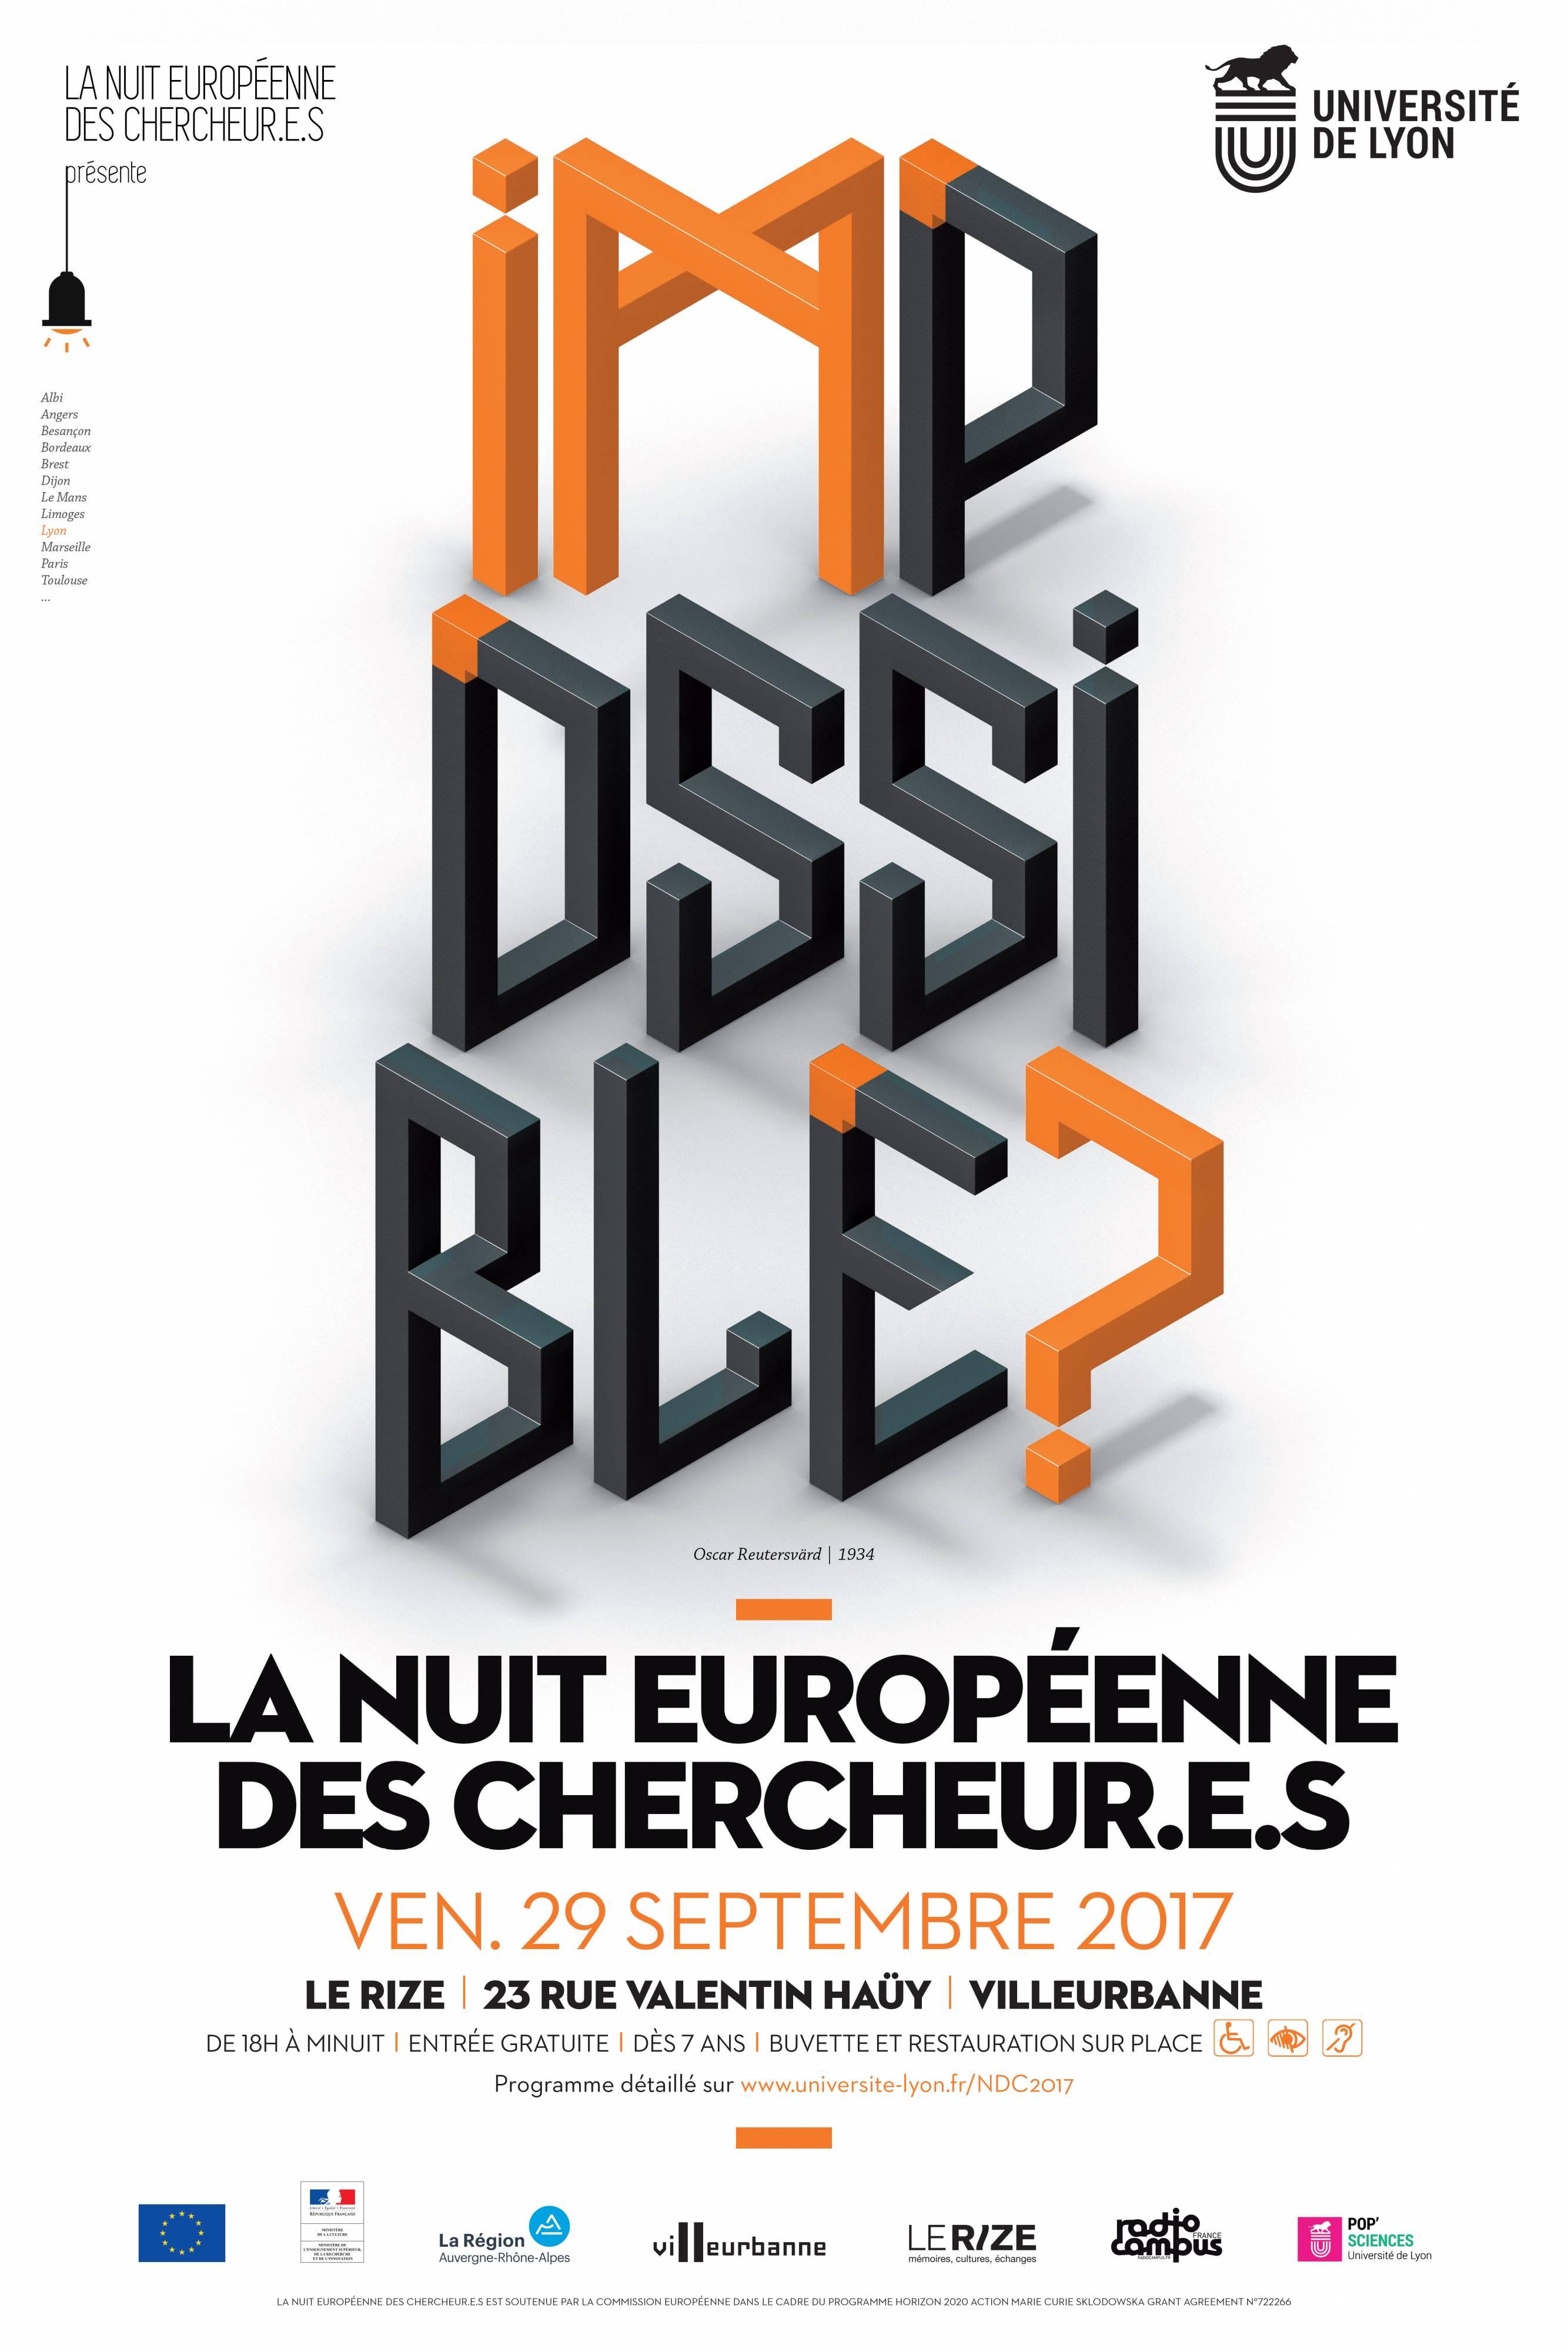 La nuit européenne des chercheur.e.s - Villeurbanne